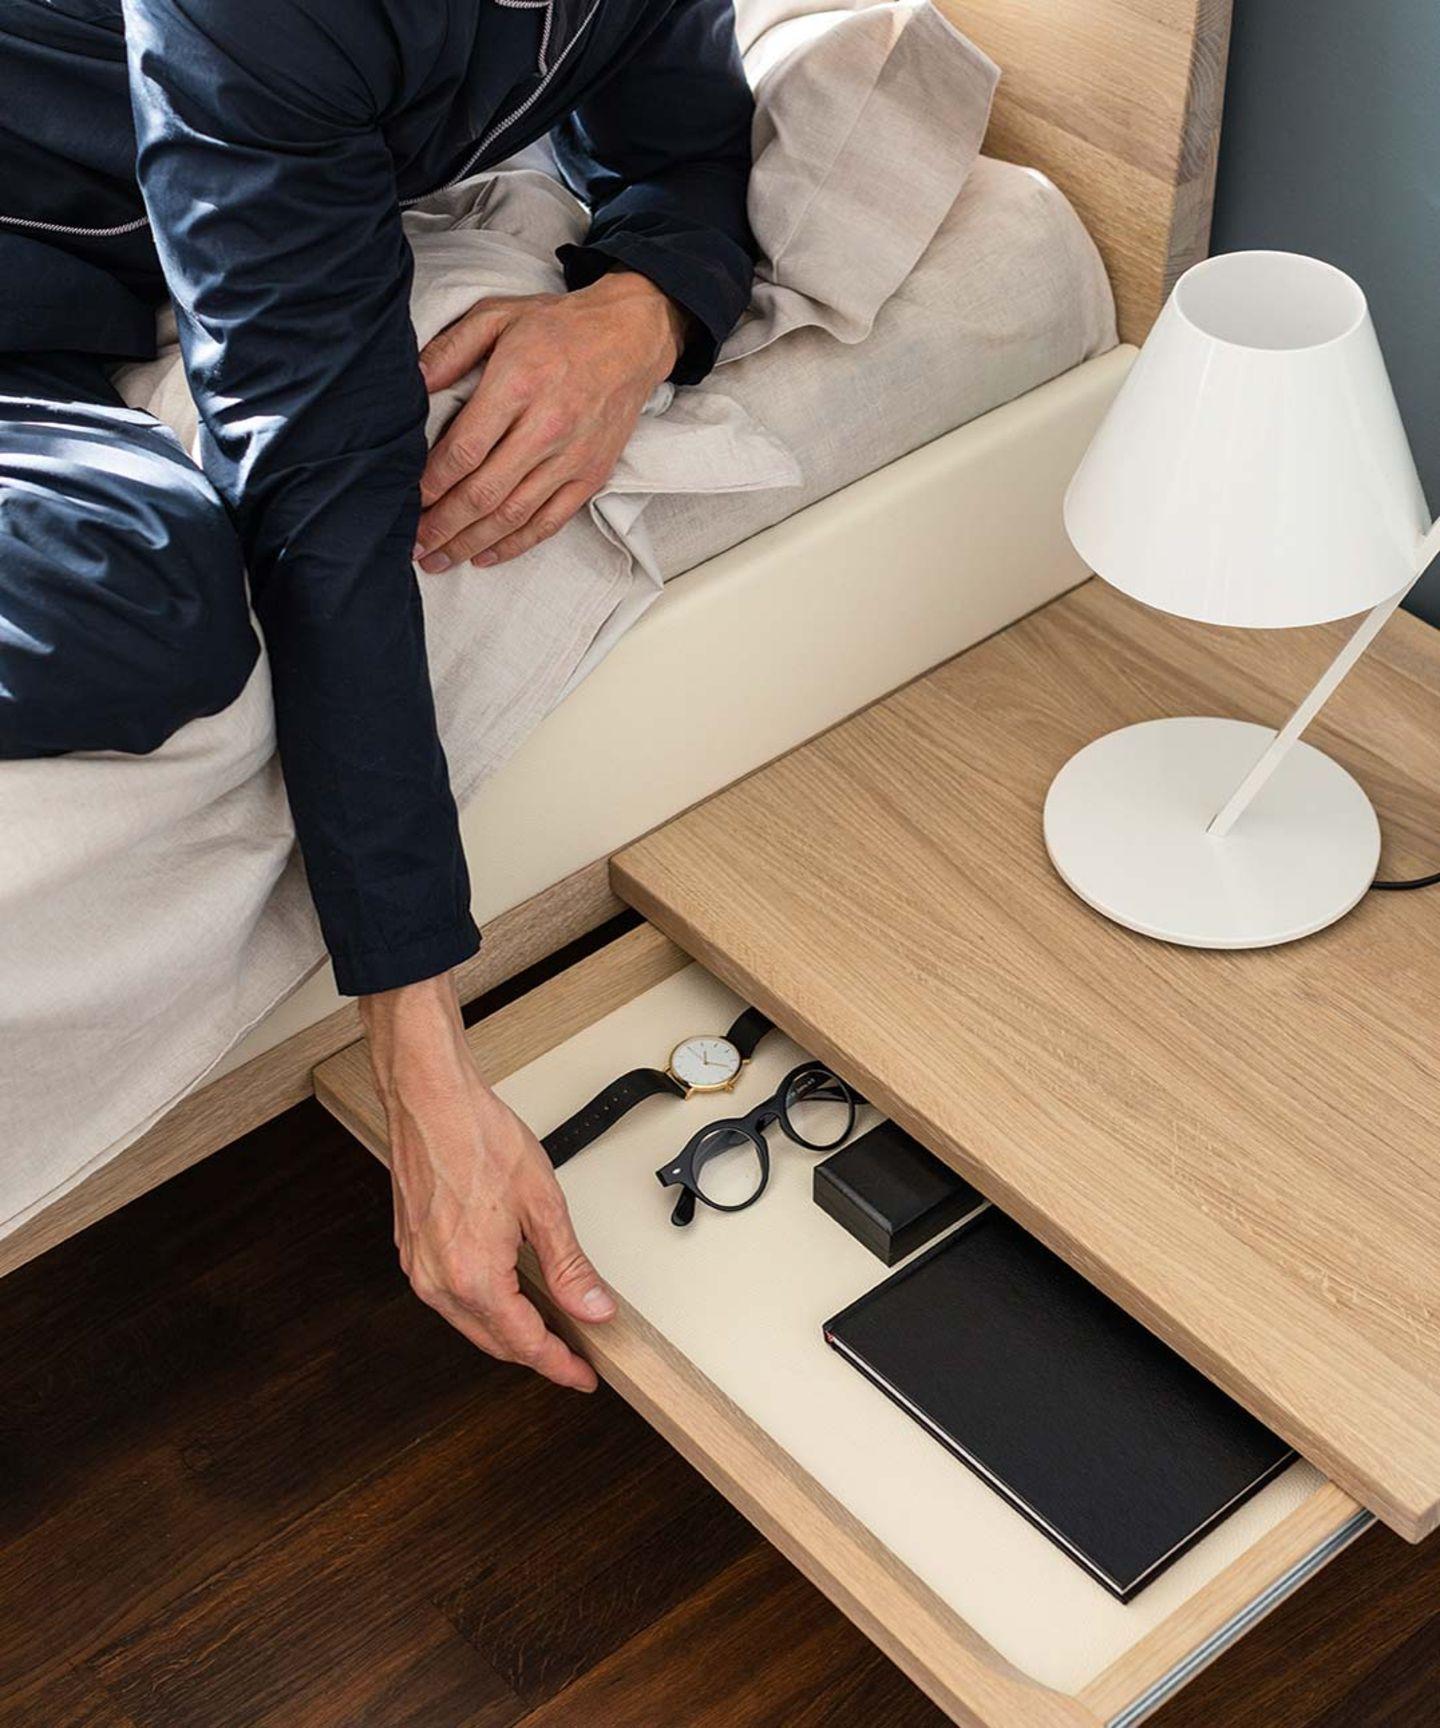 Кровать riletto с консолями, оборудованными ящиками